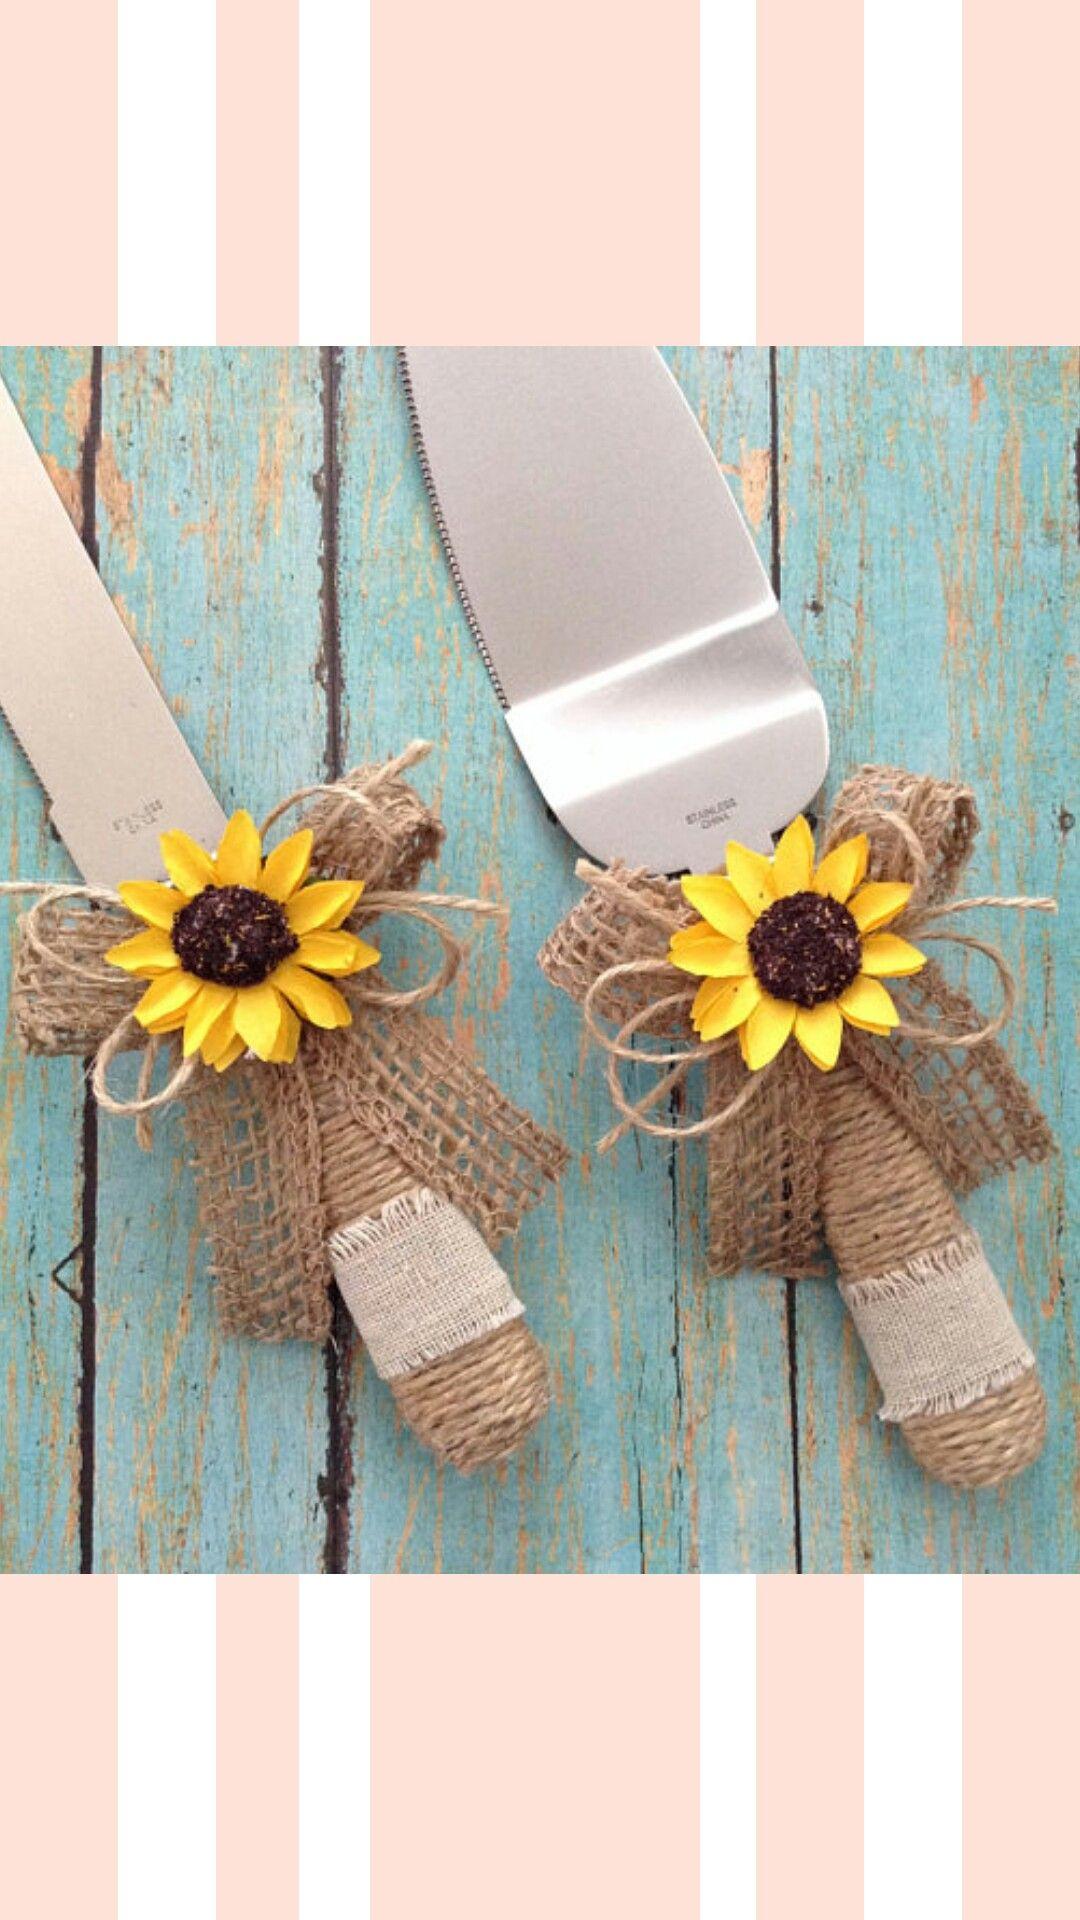 Wedding Cake Server and Knife Set / Sunflower Wedding Cake